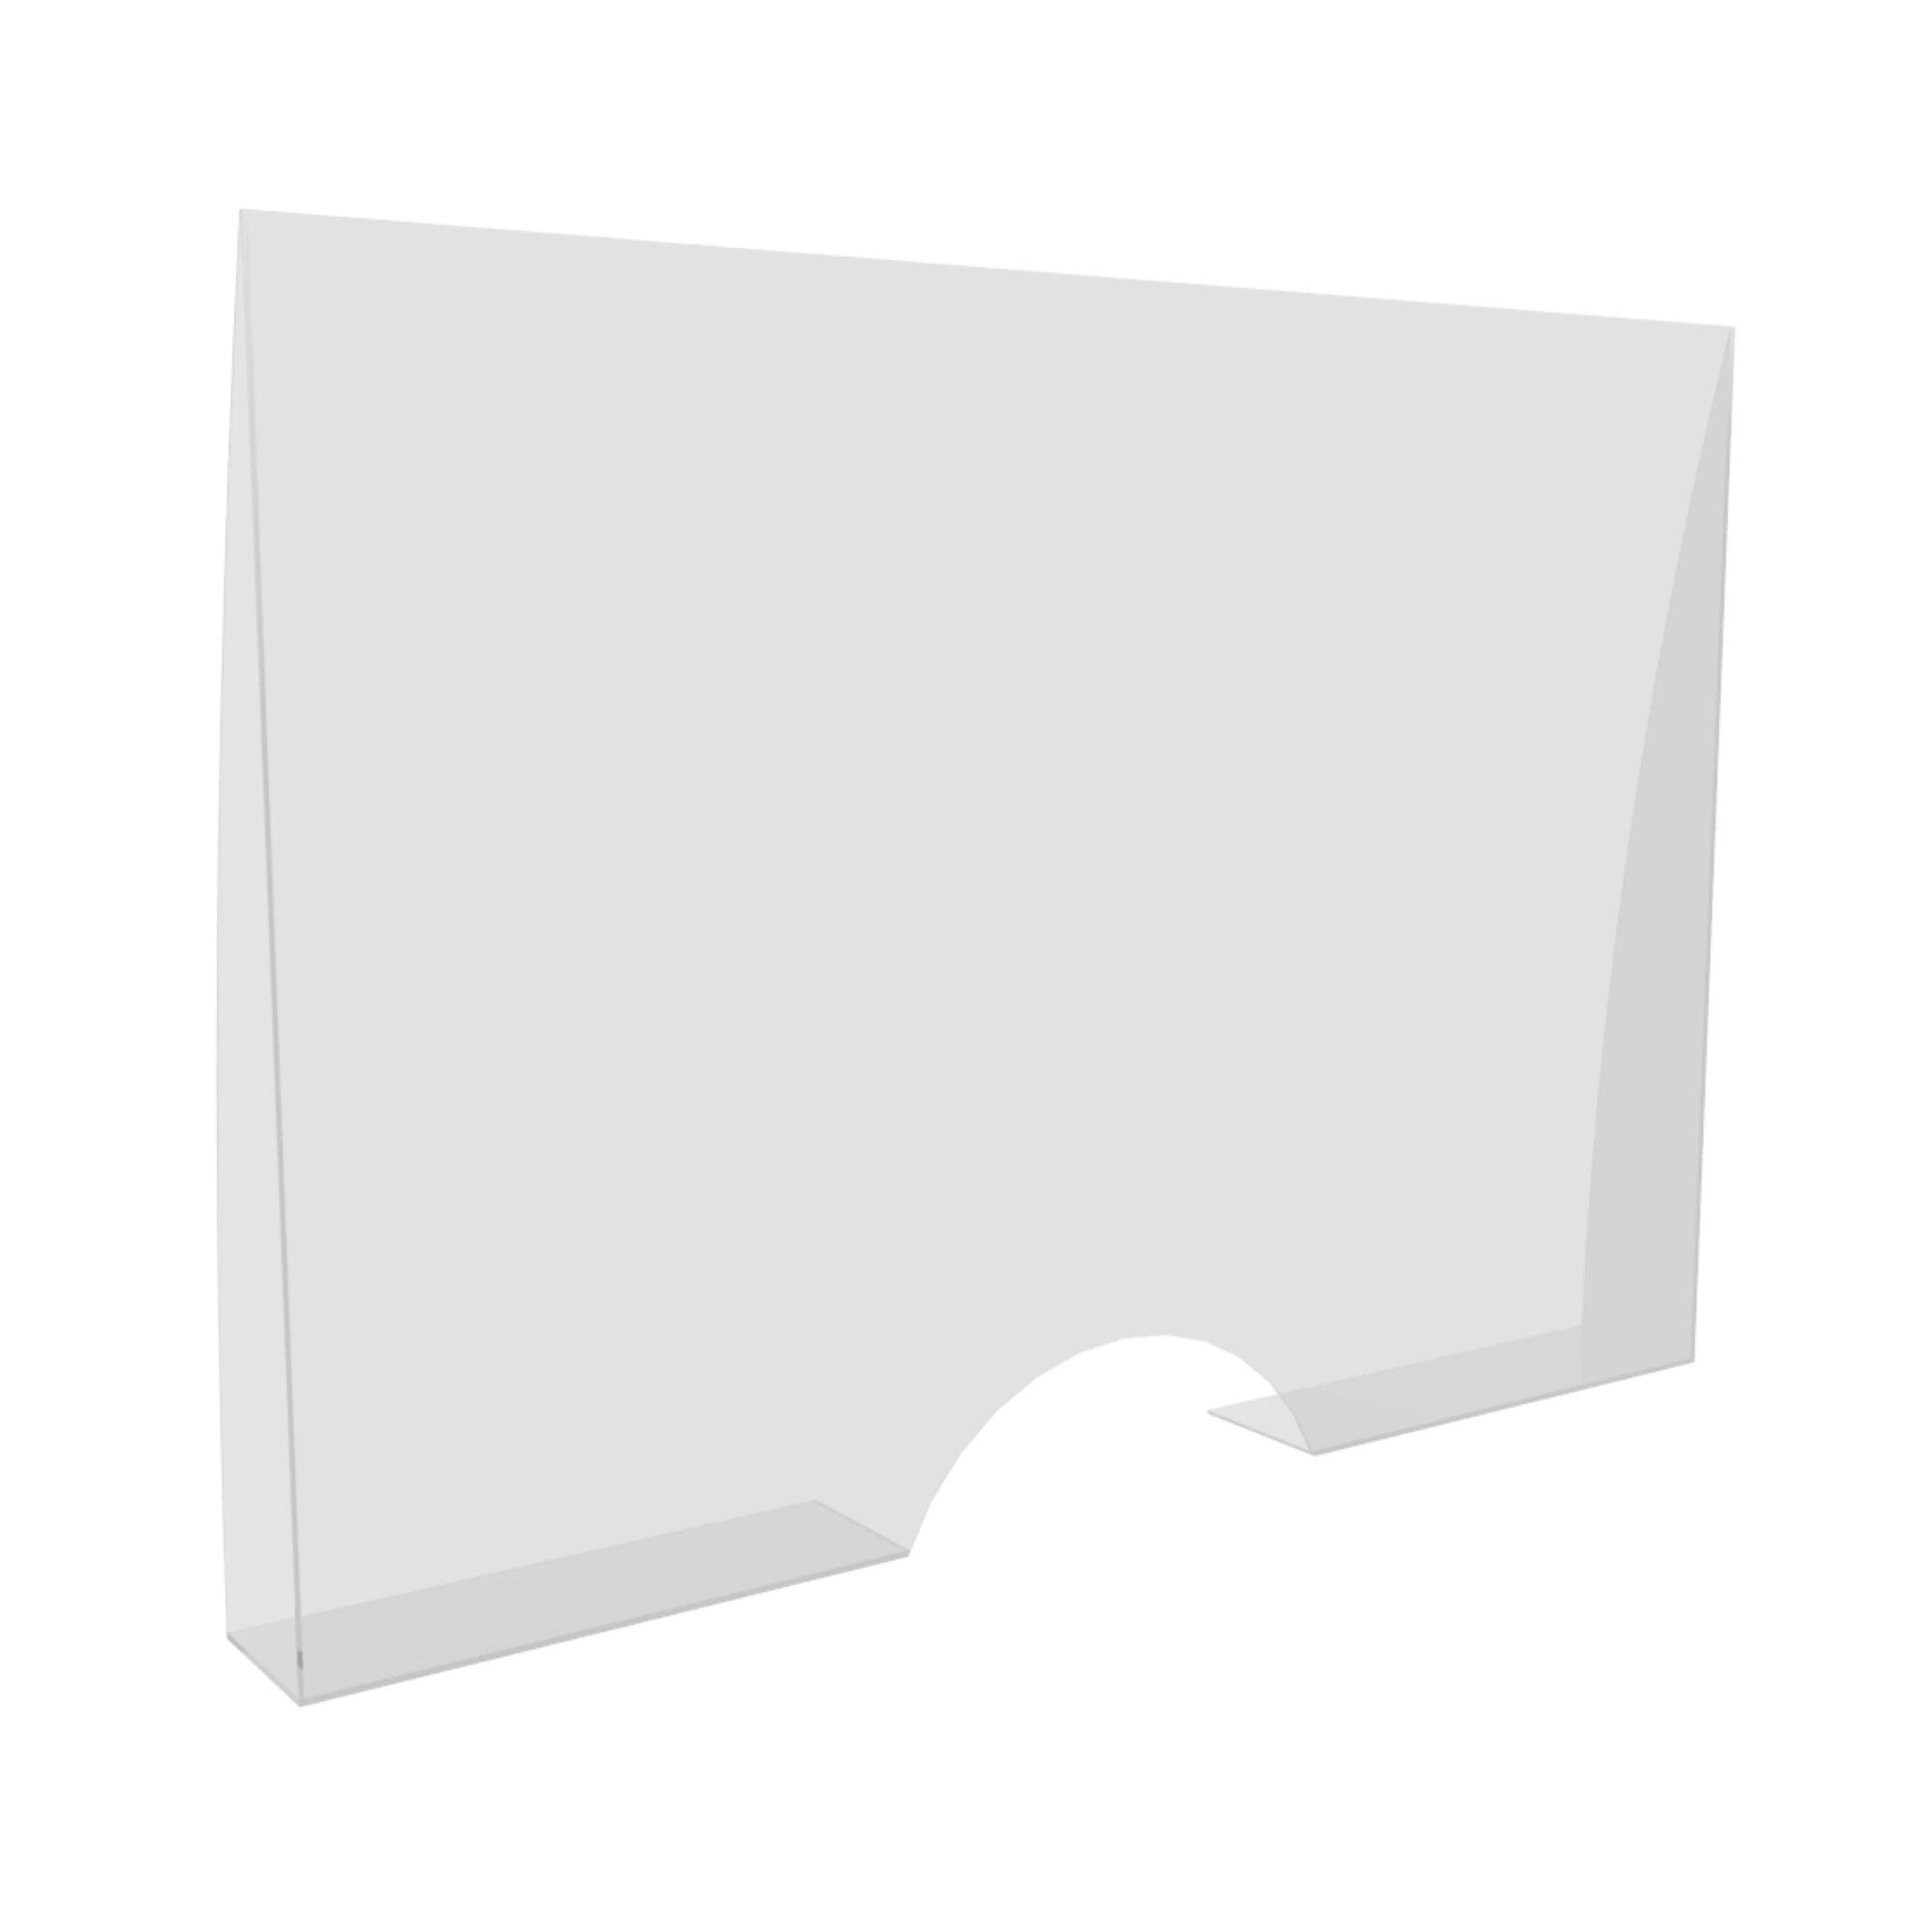 Escudo Protetor Salivar Balcão Com Aba Lateral 90x70cm